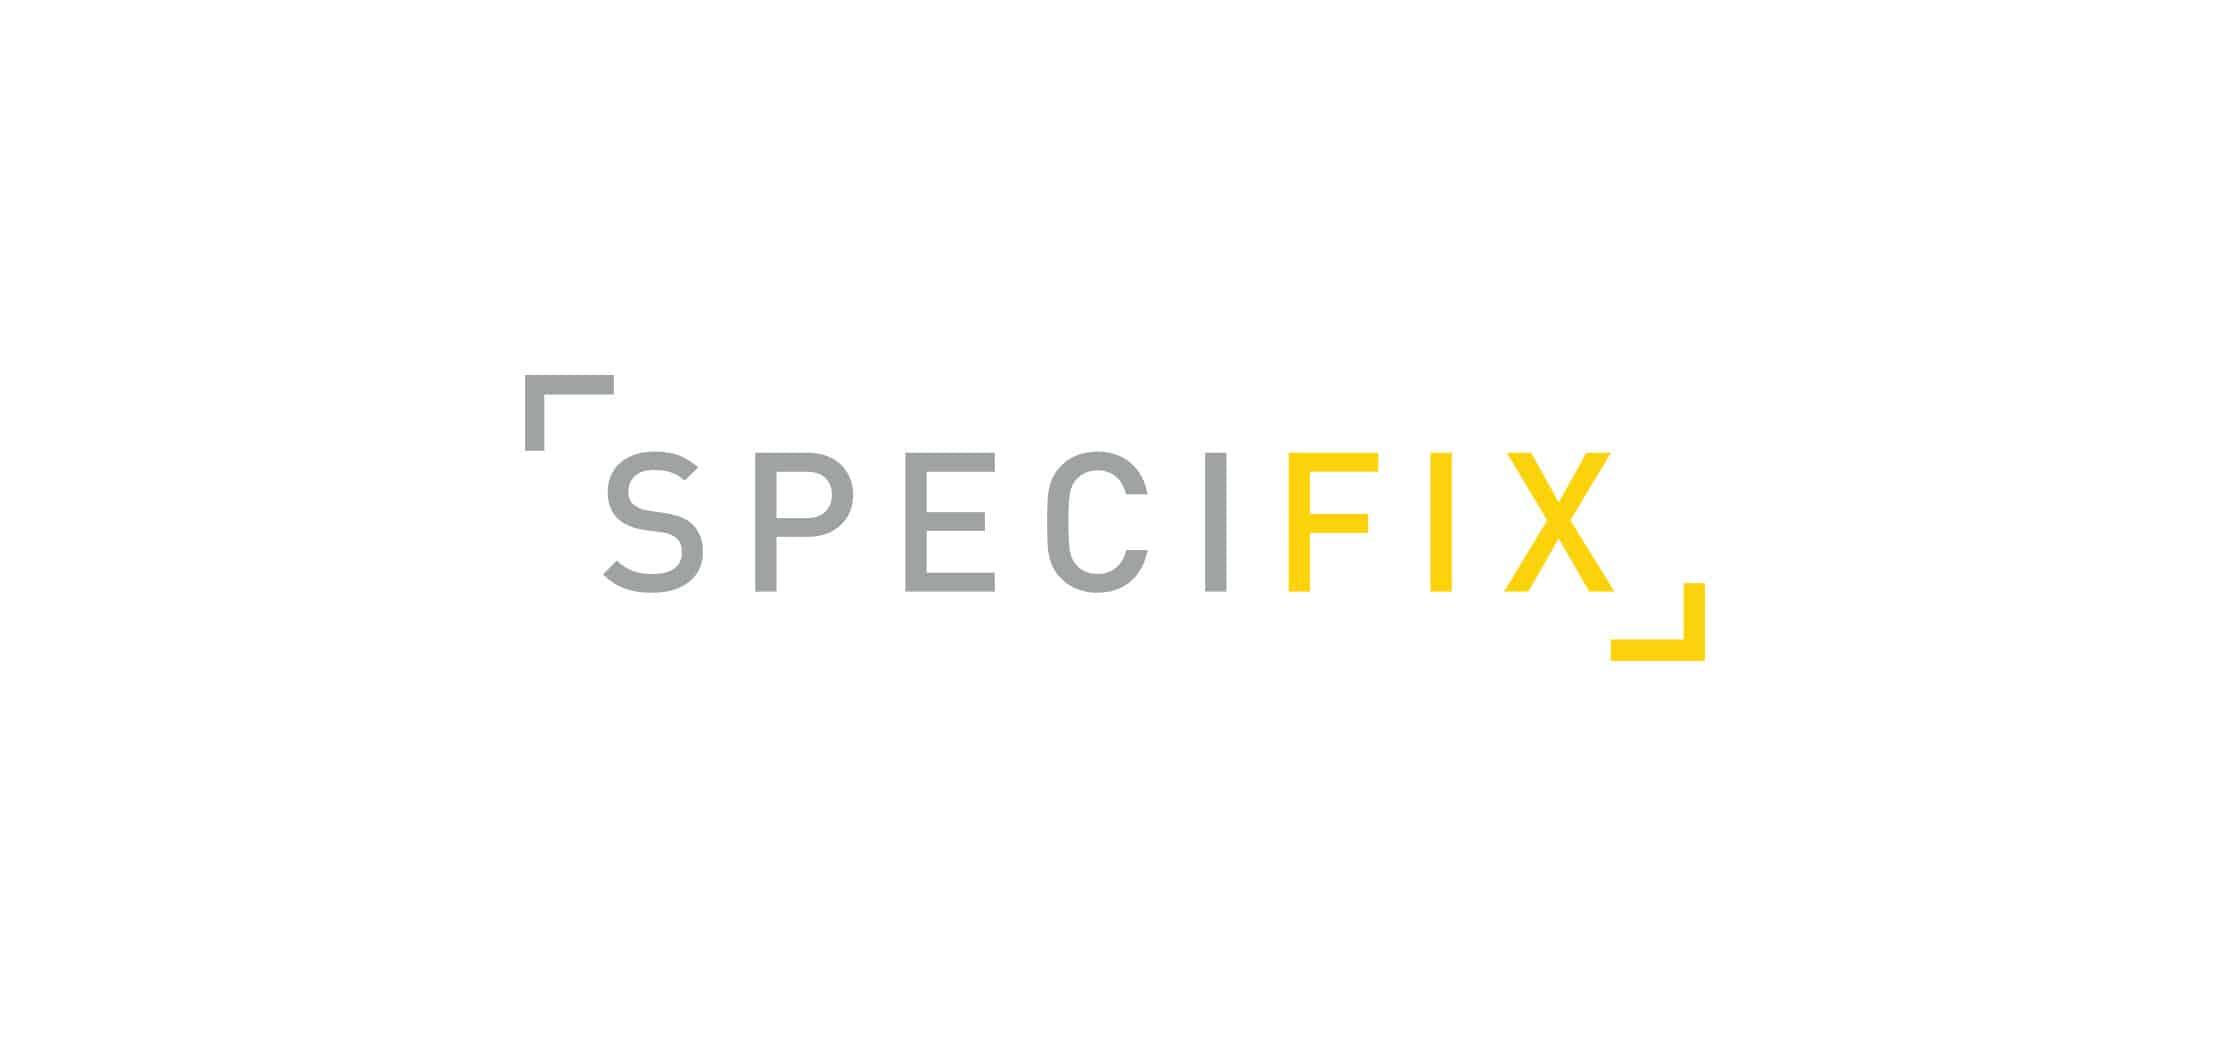 specifix-logo-fullwidth-5